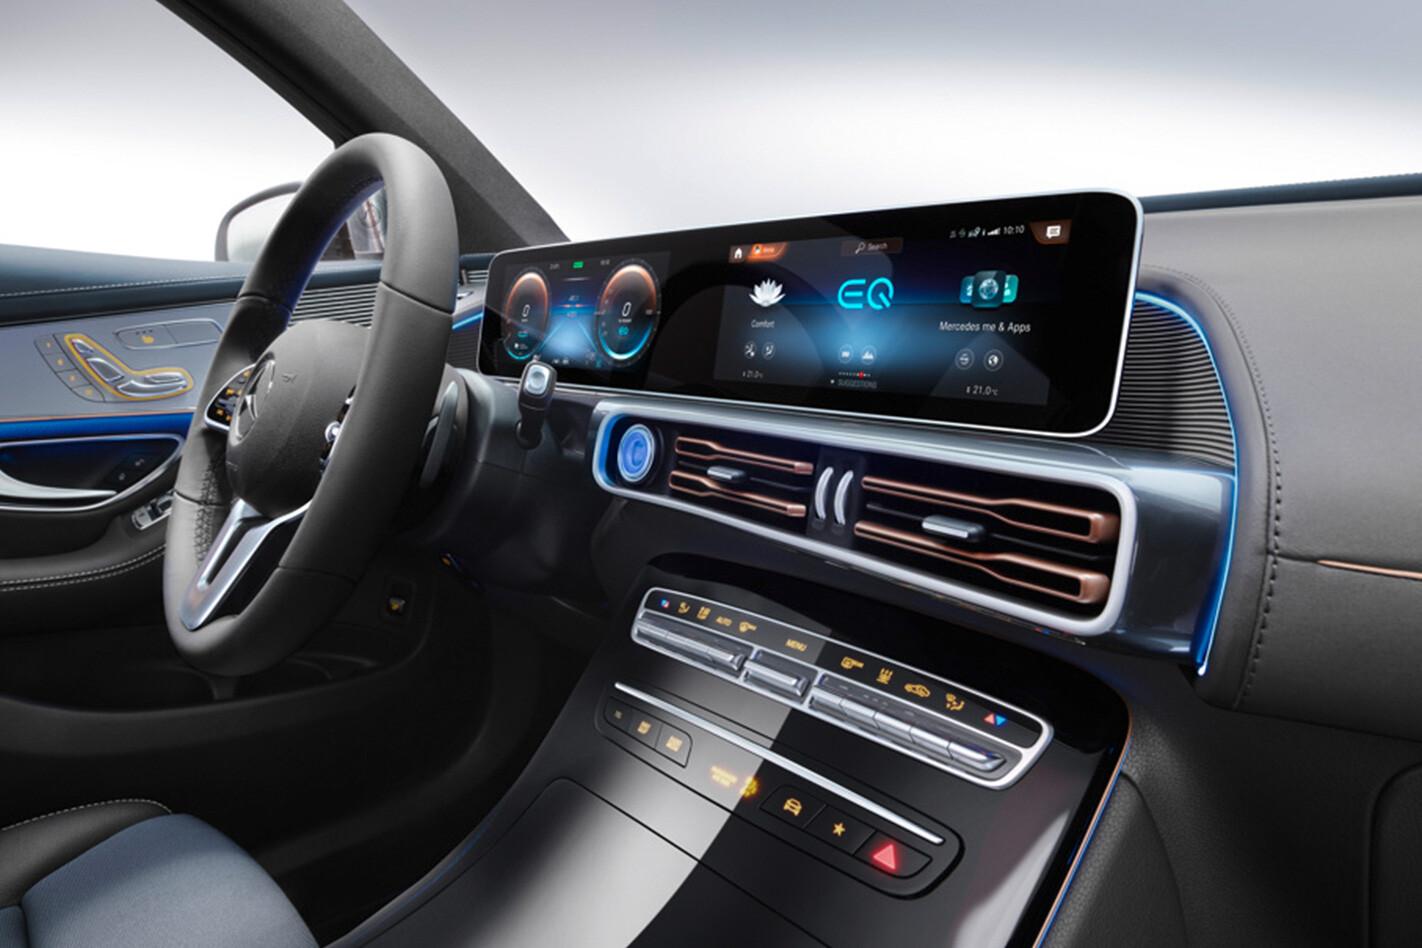 Mercedes Benz Eqc Interior Jpg